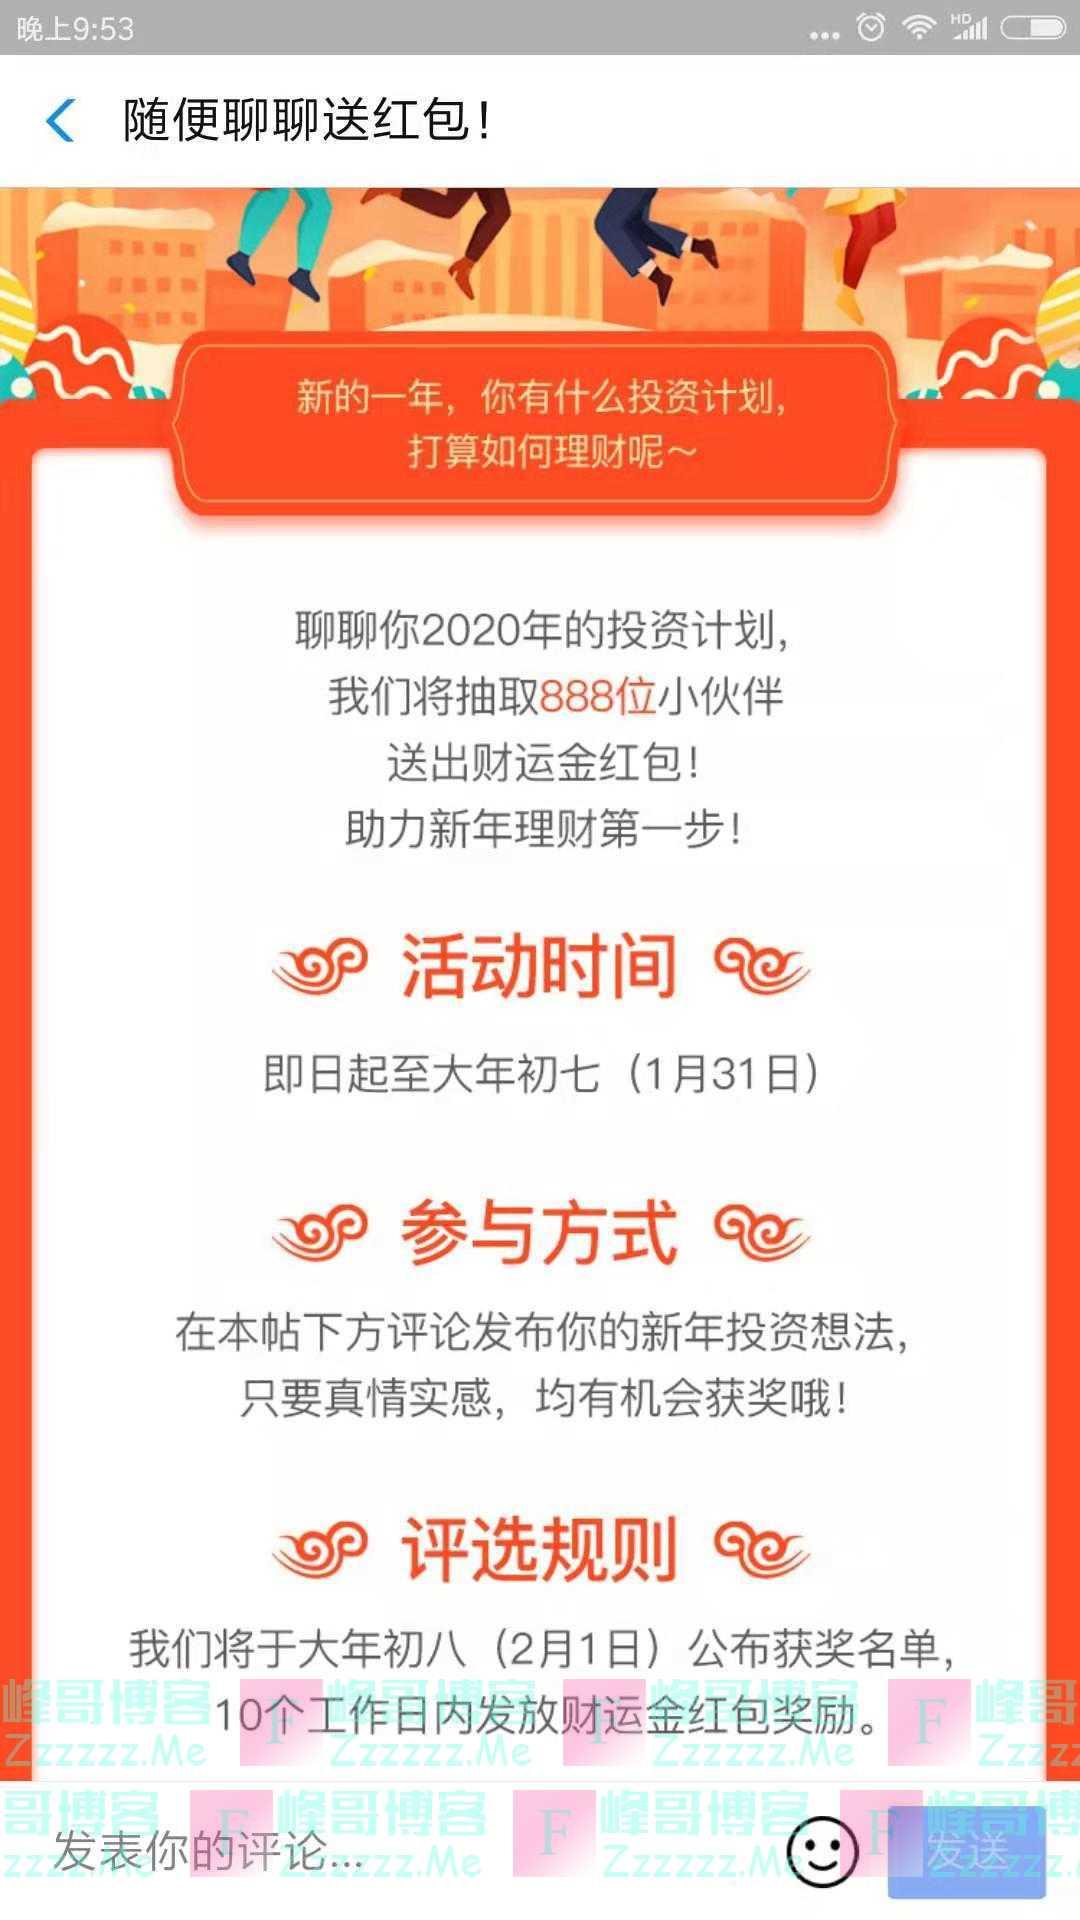 前海开源基金新春首发888丨随意聊,红包任性送(截止1月31日)